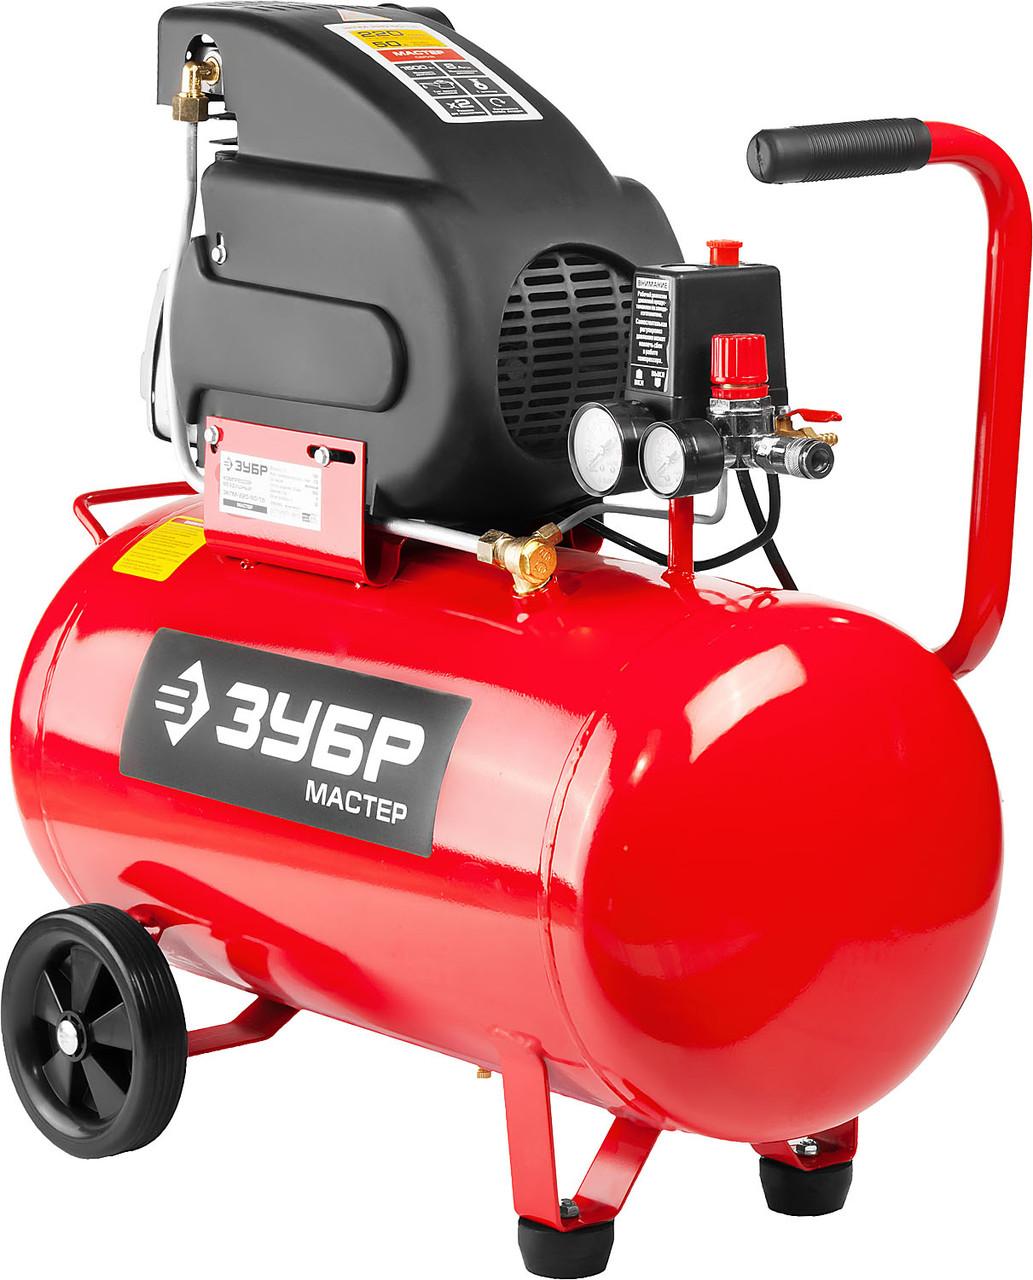 (ЗКПМ-220-50-1.5) Компрессор воздушный, ЗУБР, поршневой, масляный, 220 л/мин, 50 л